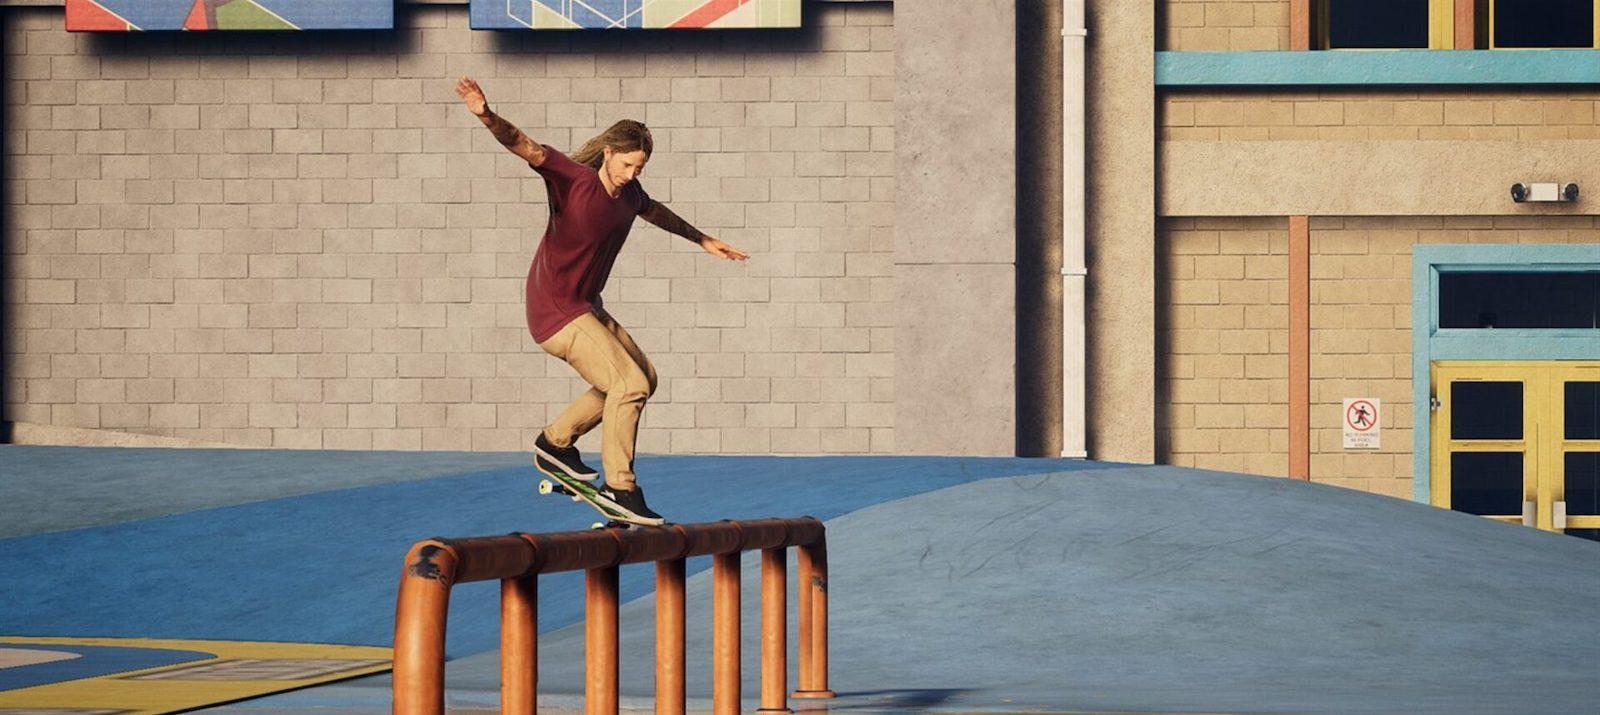 Разомни кости: Обзор Tony Hawk's Pro Skater 1 + 2